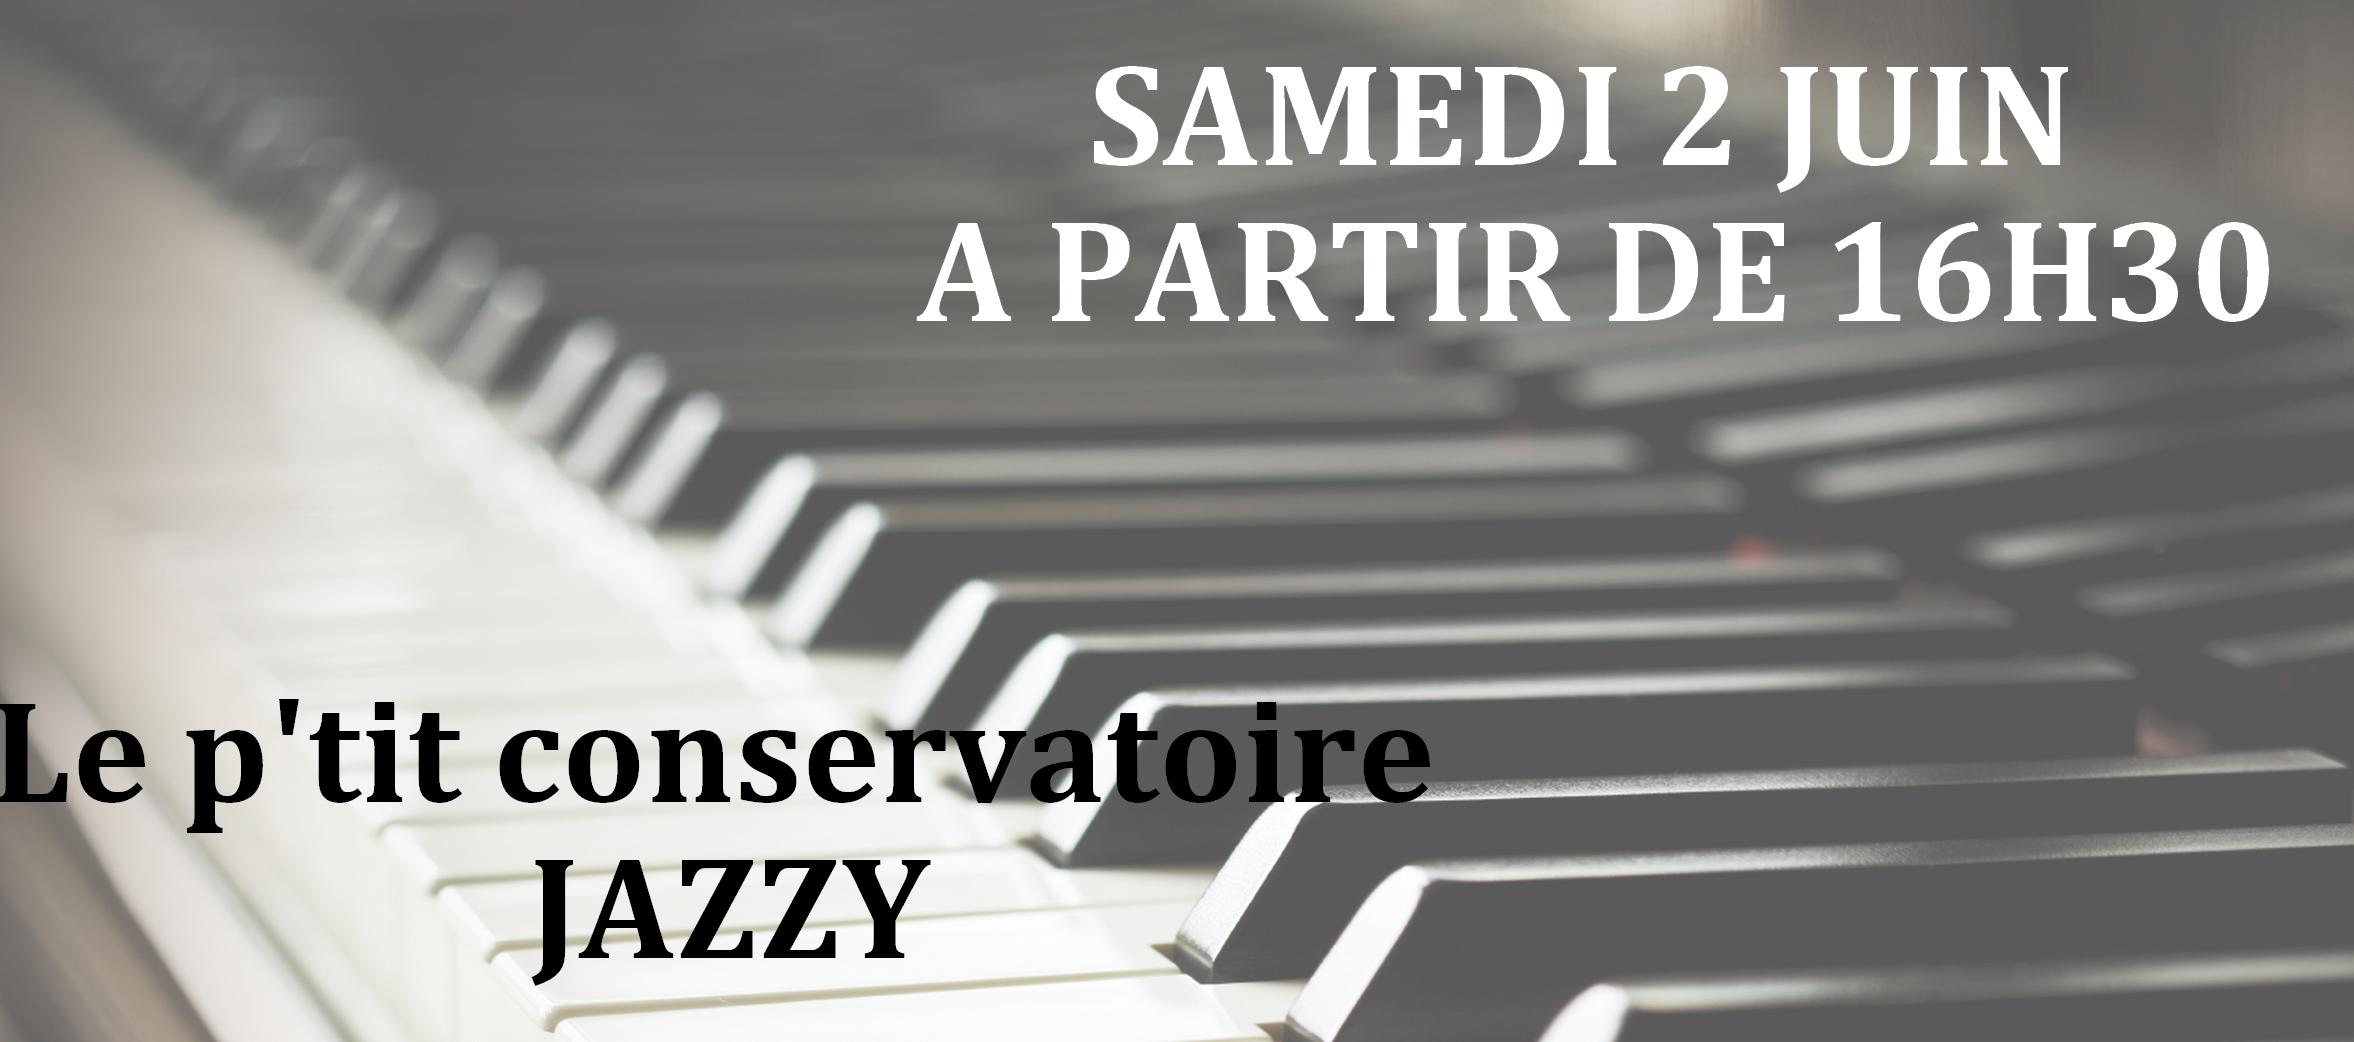 Conservatoire+jazzy